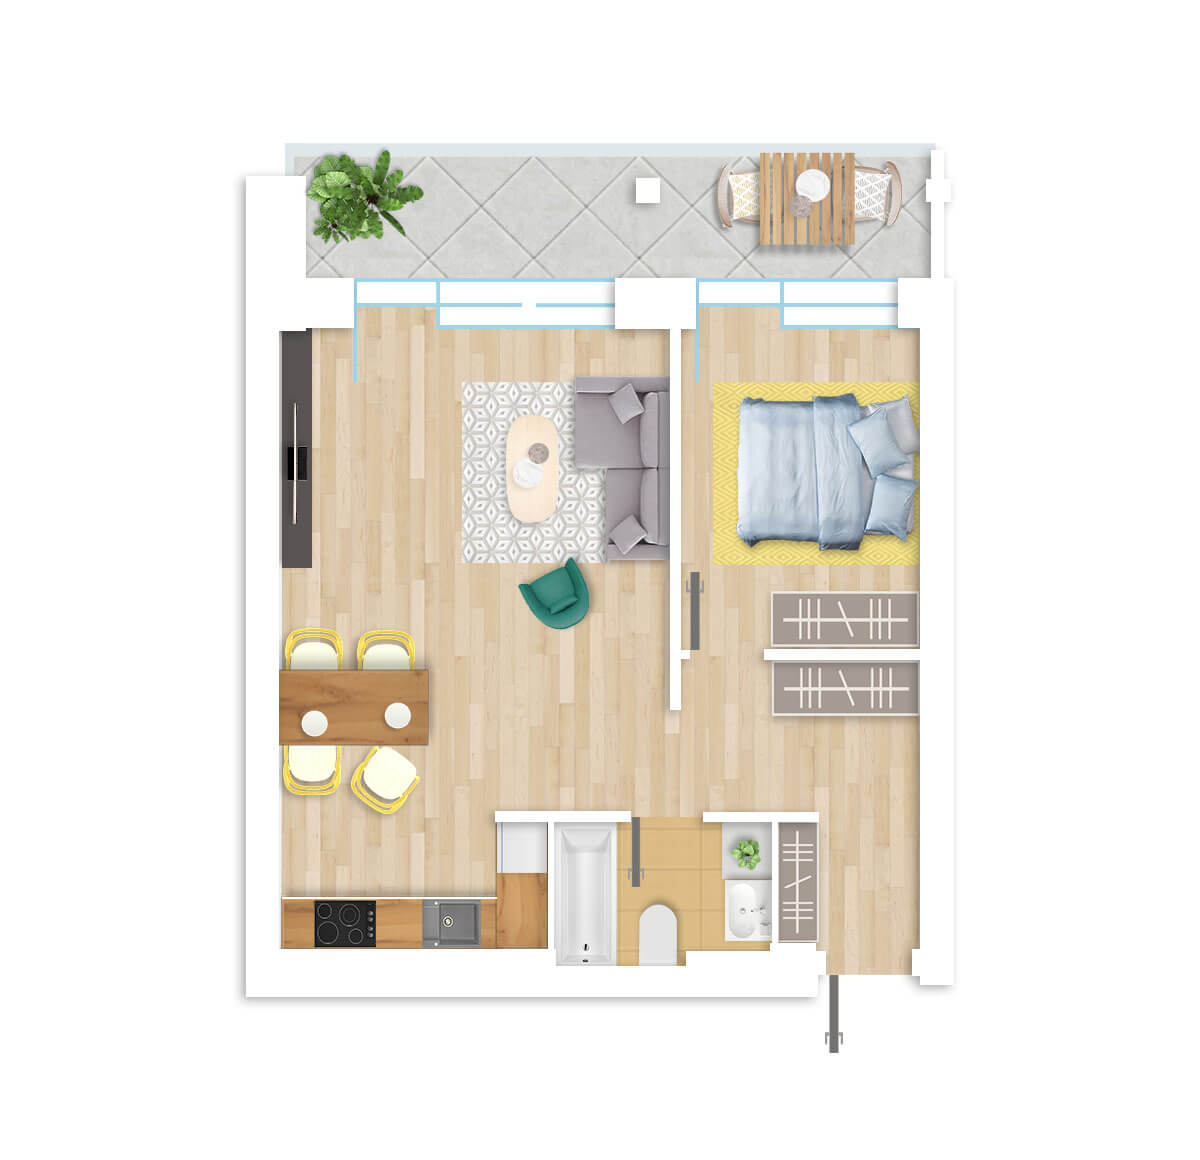 parduodamas butas Lazdynėlių g. 16A - 36 Vilniuje, buto 3D vaizdas